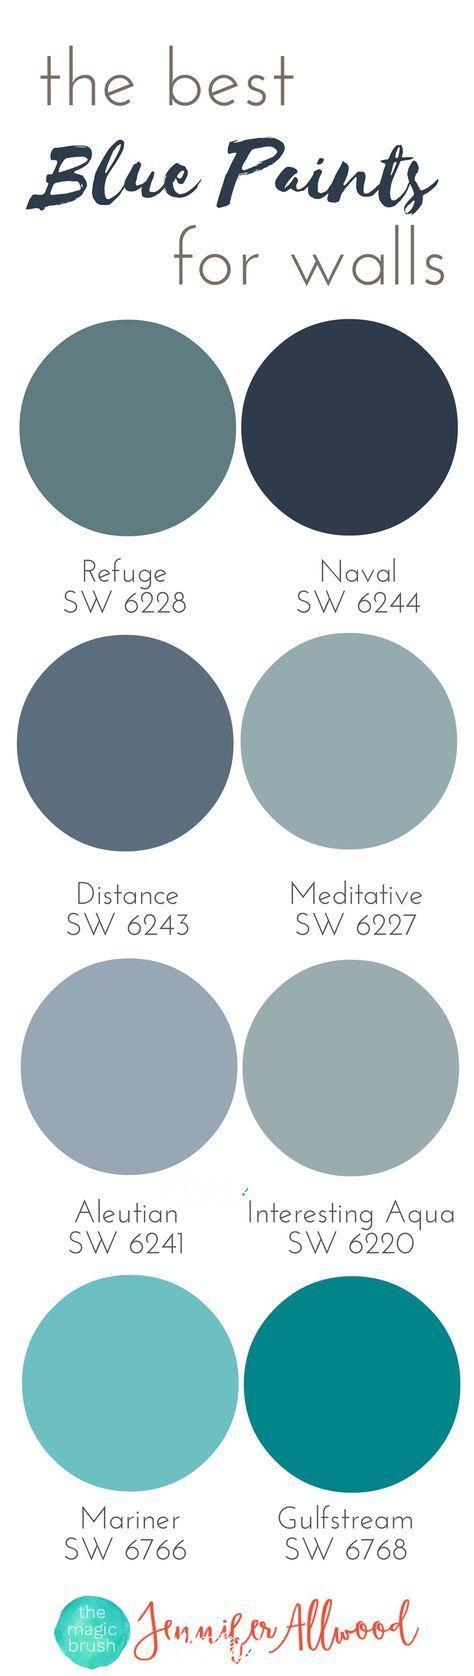 the best Blue Paints for walls | Magic Brush | Jen…